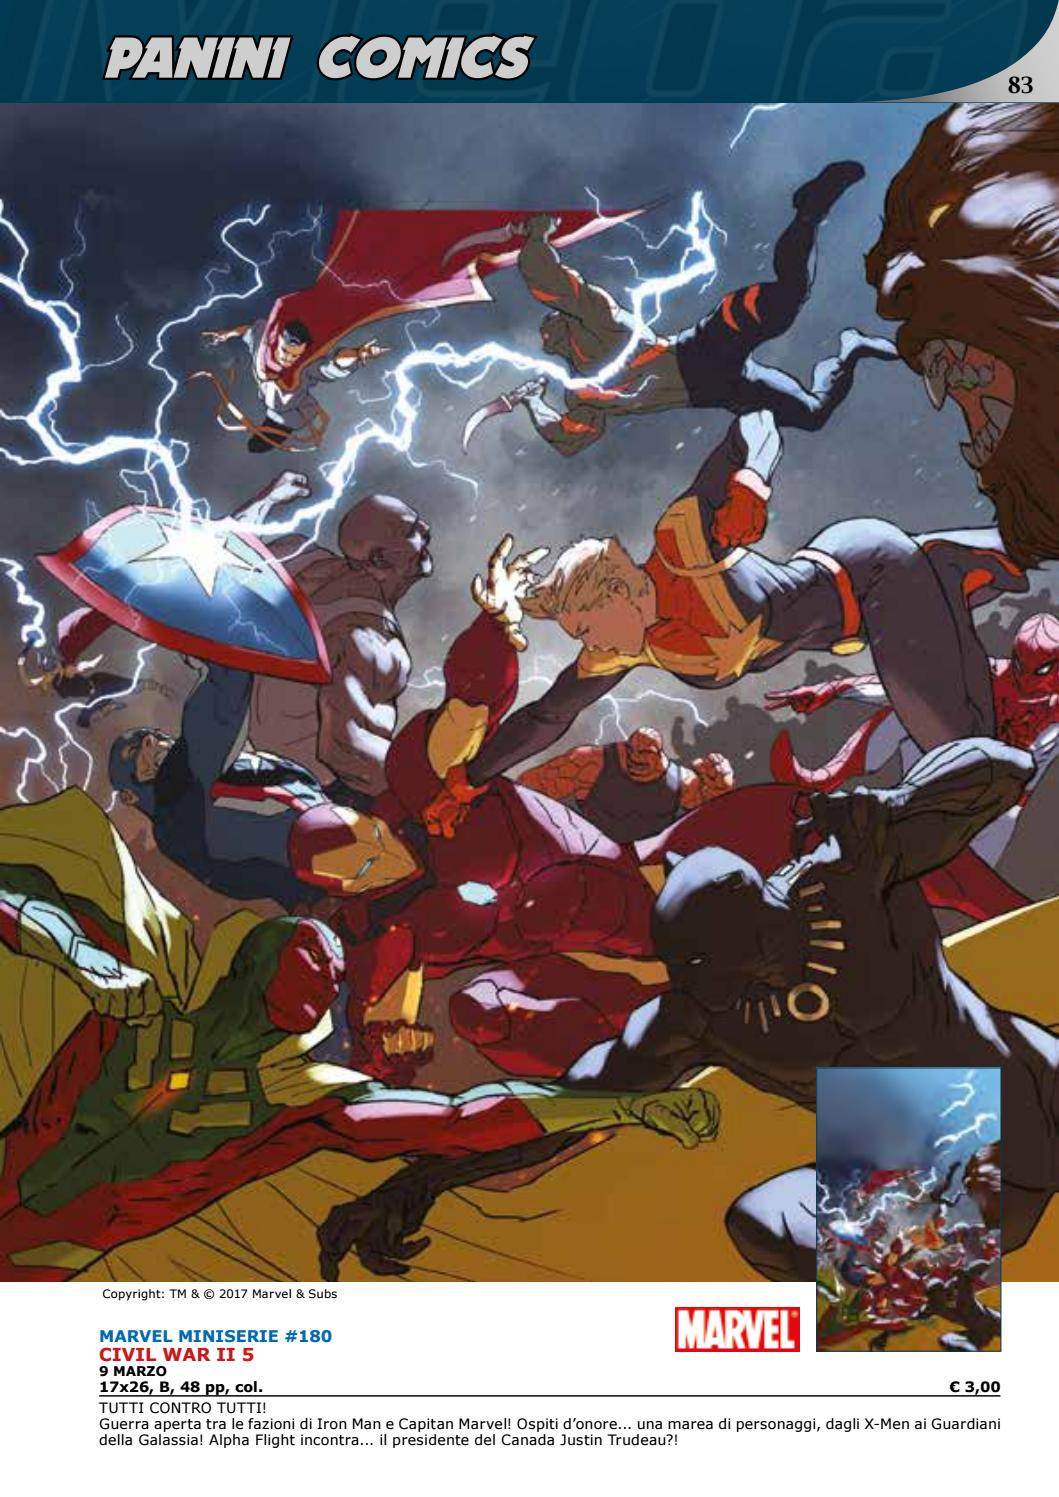 COLLEZIONE di figurine classico Marvel-Issue #19 PUNISHER-SOLO RIVISTA